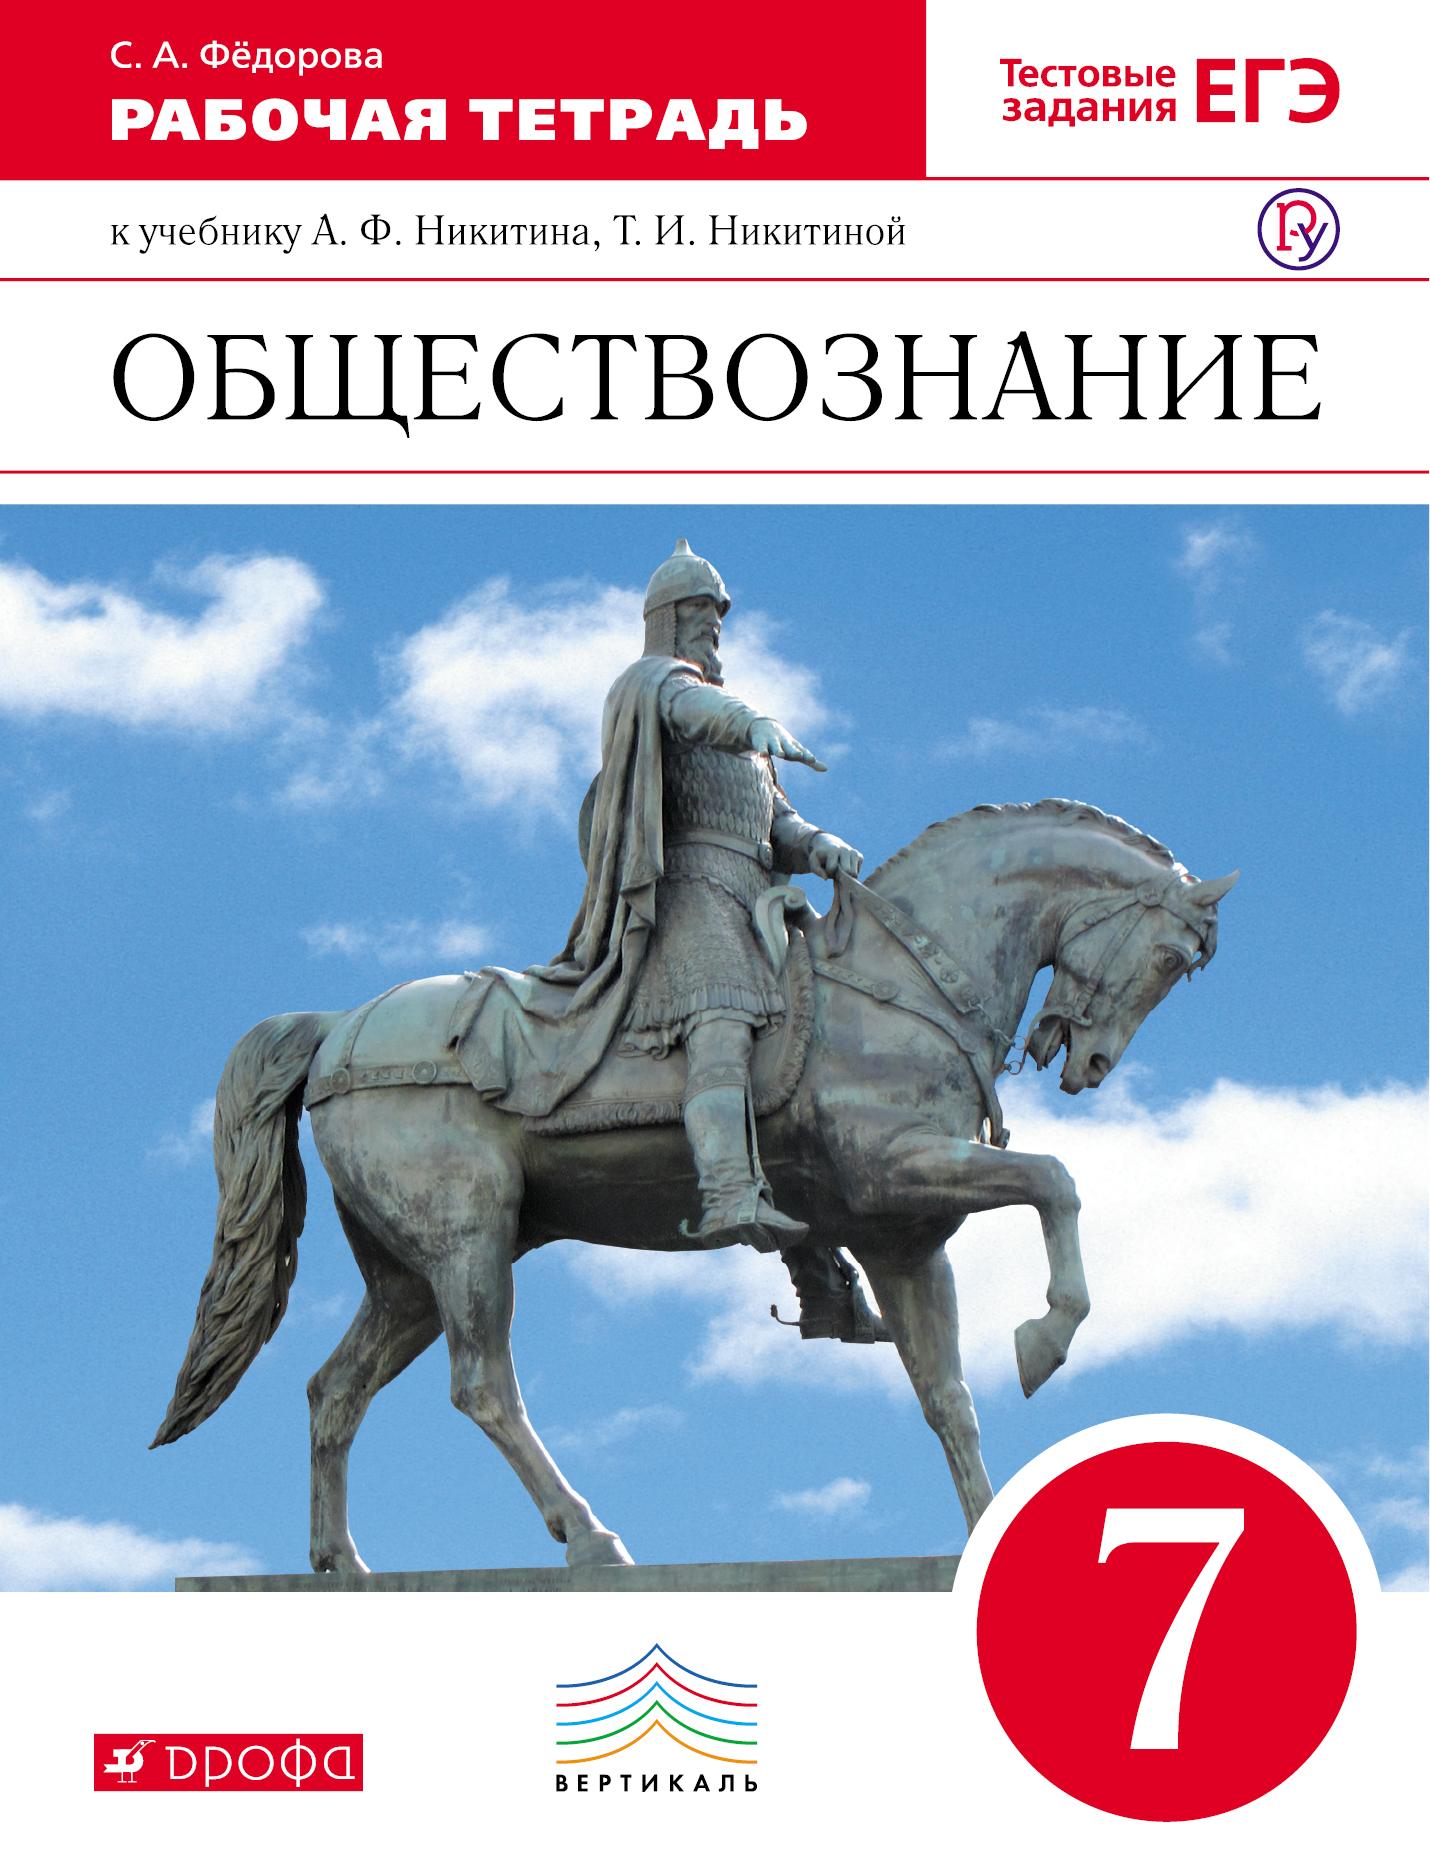 Обществознание. 7 класс. Рабочая тетрадь от book24.ru